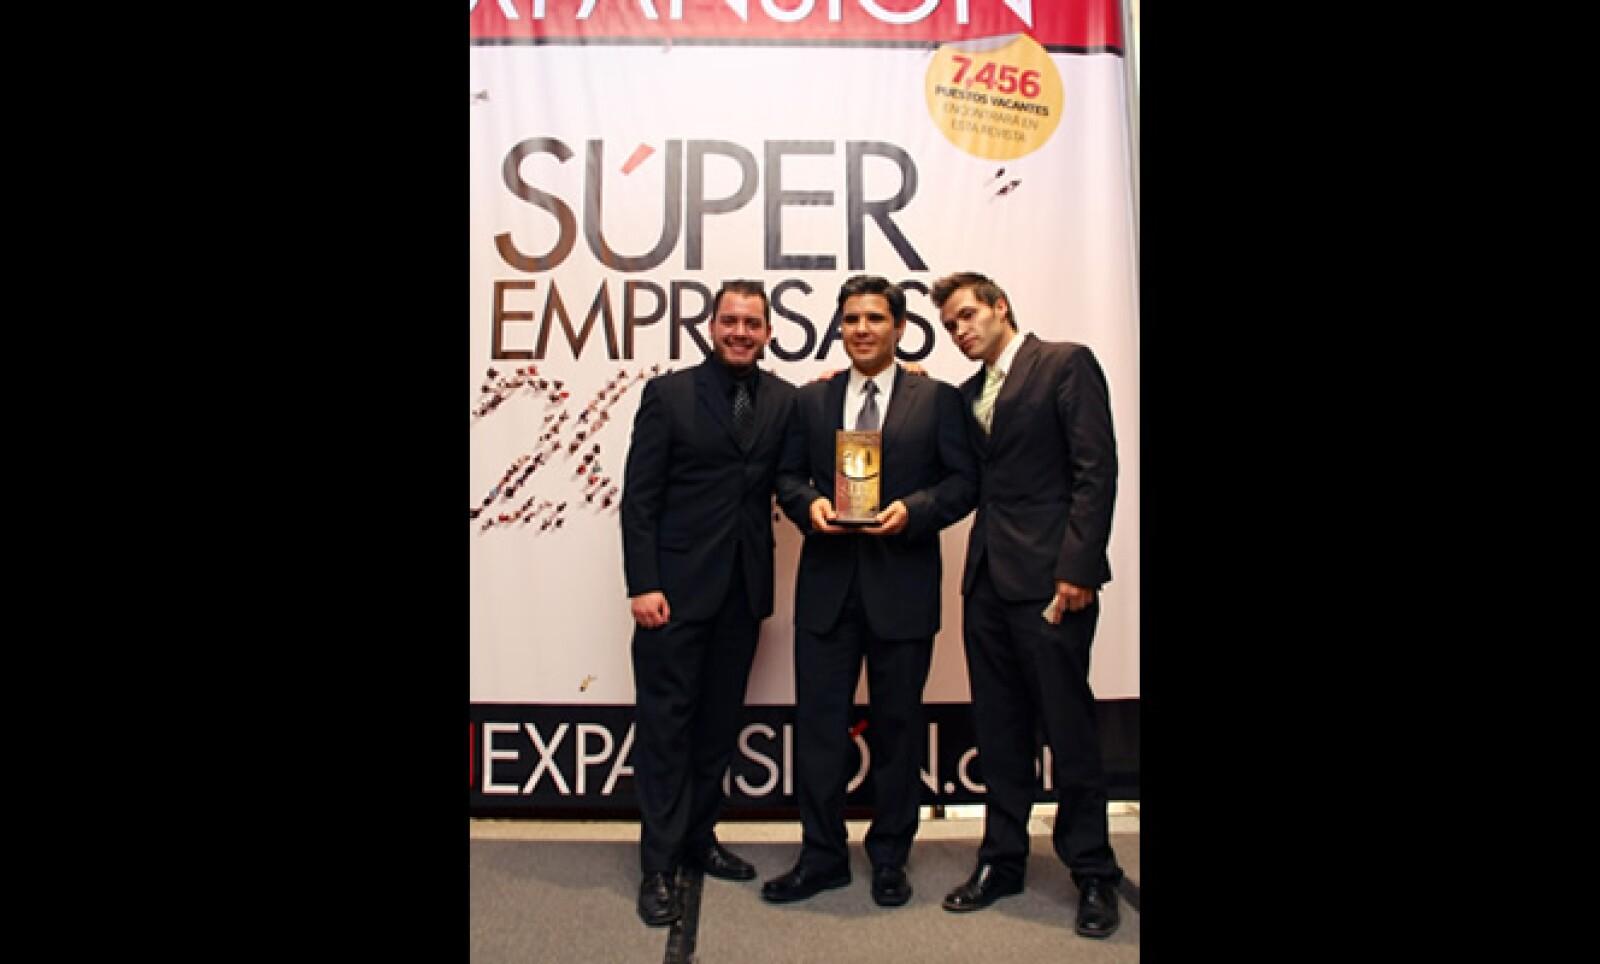 Trabajar en una Súper Empresa es un orgullo que los premiados no pueden ocultar... ni en la foto